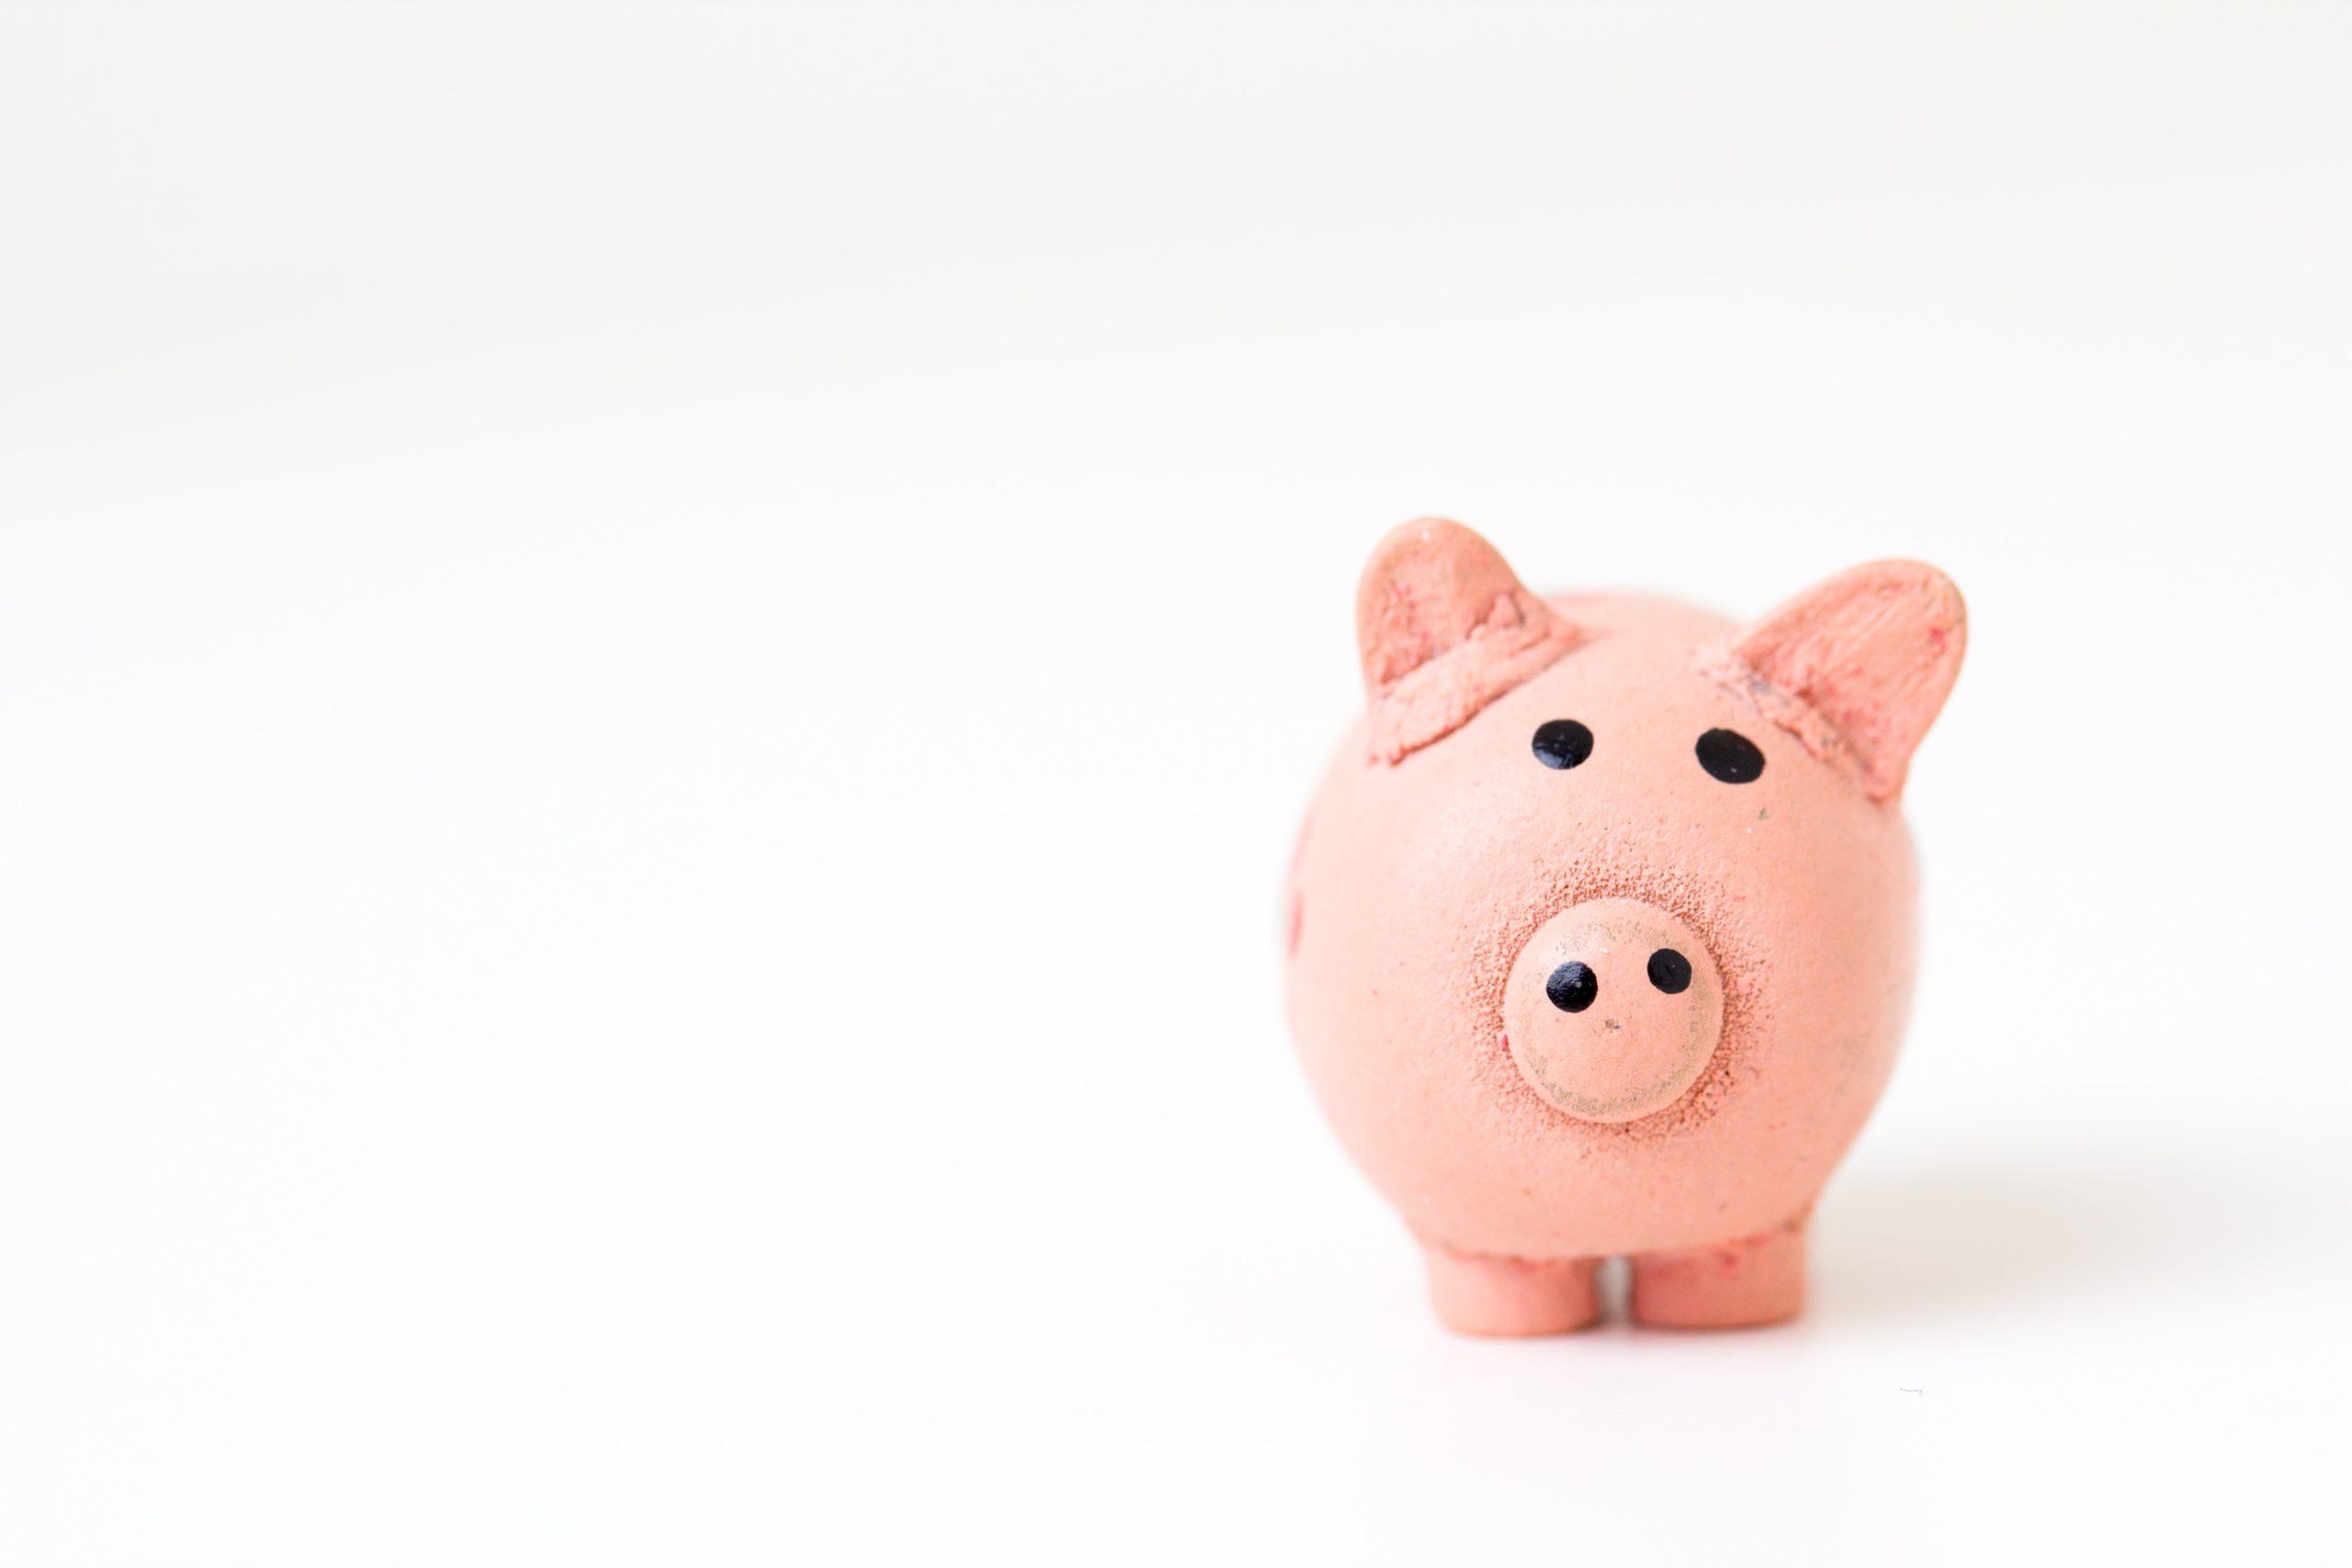 תכנון פיננסי – השיטה החדשה לניהול השקעות ונכסים פיננסים